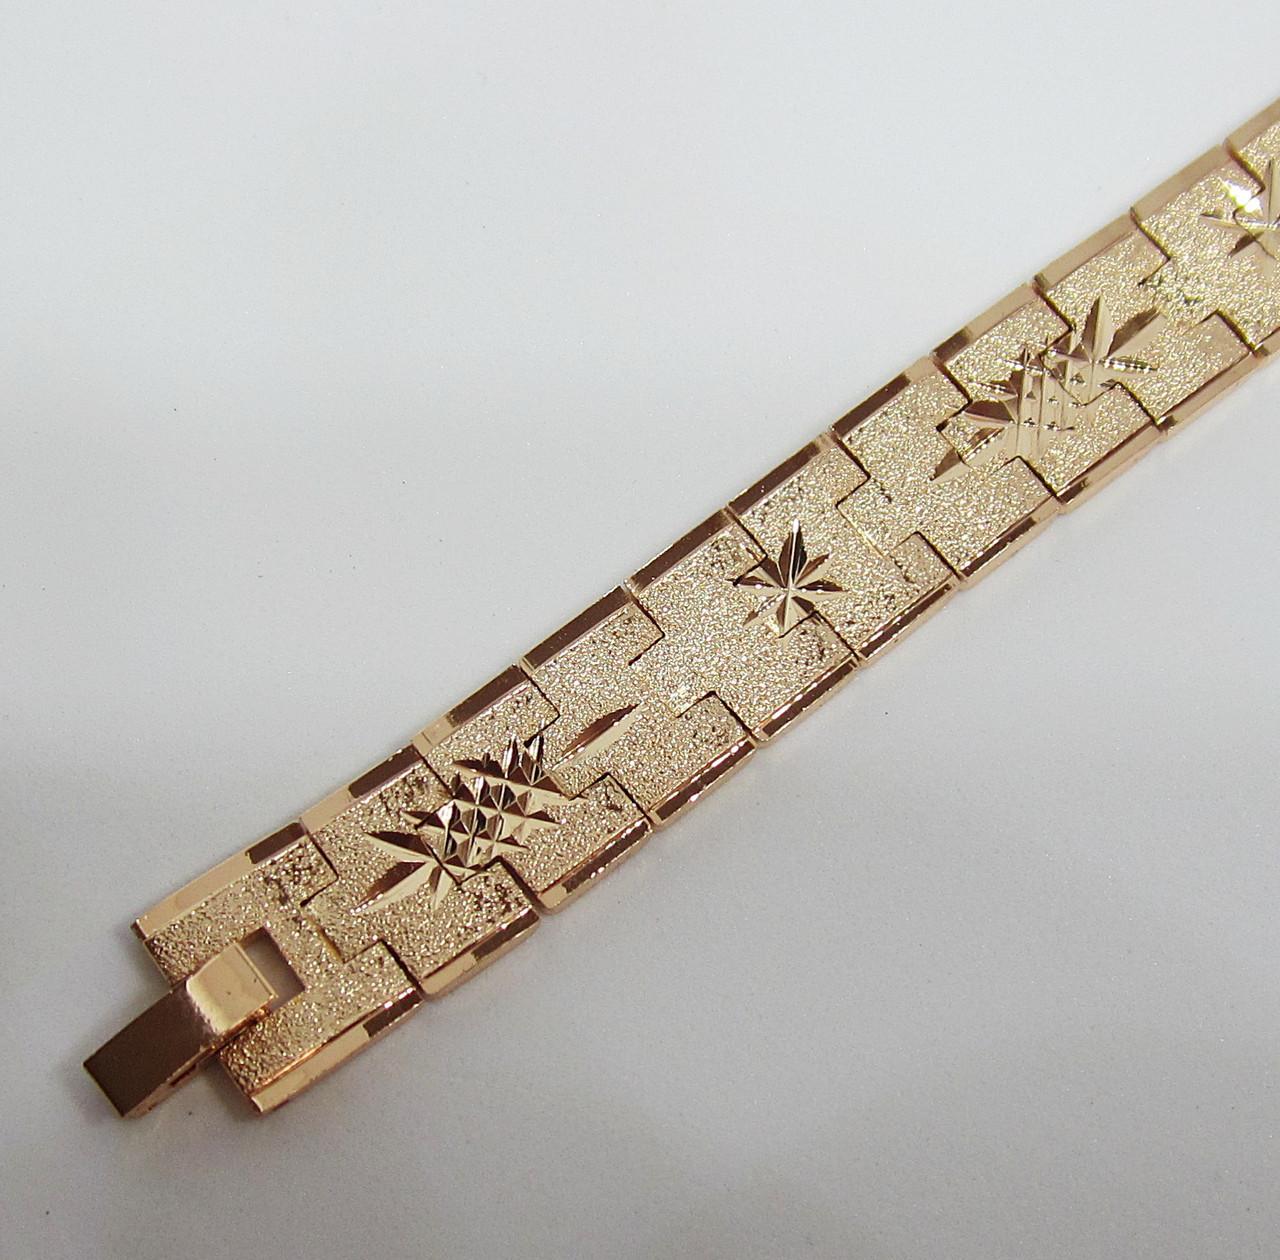 Браслет длина 21 см ширина 11 мм ювелирная бижутерия